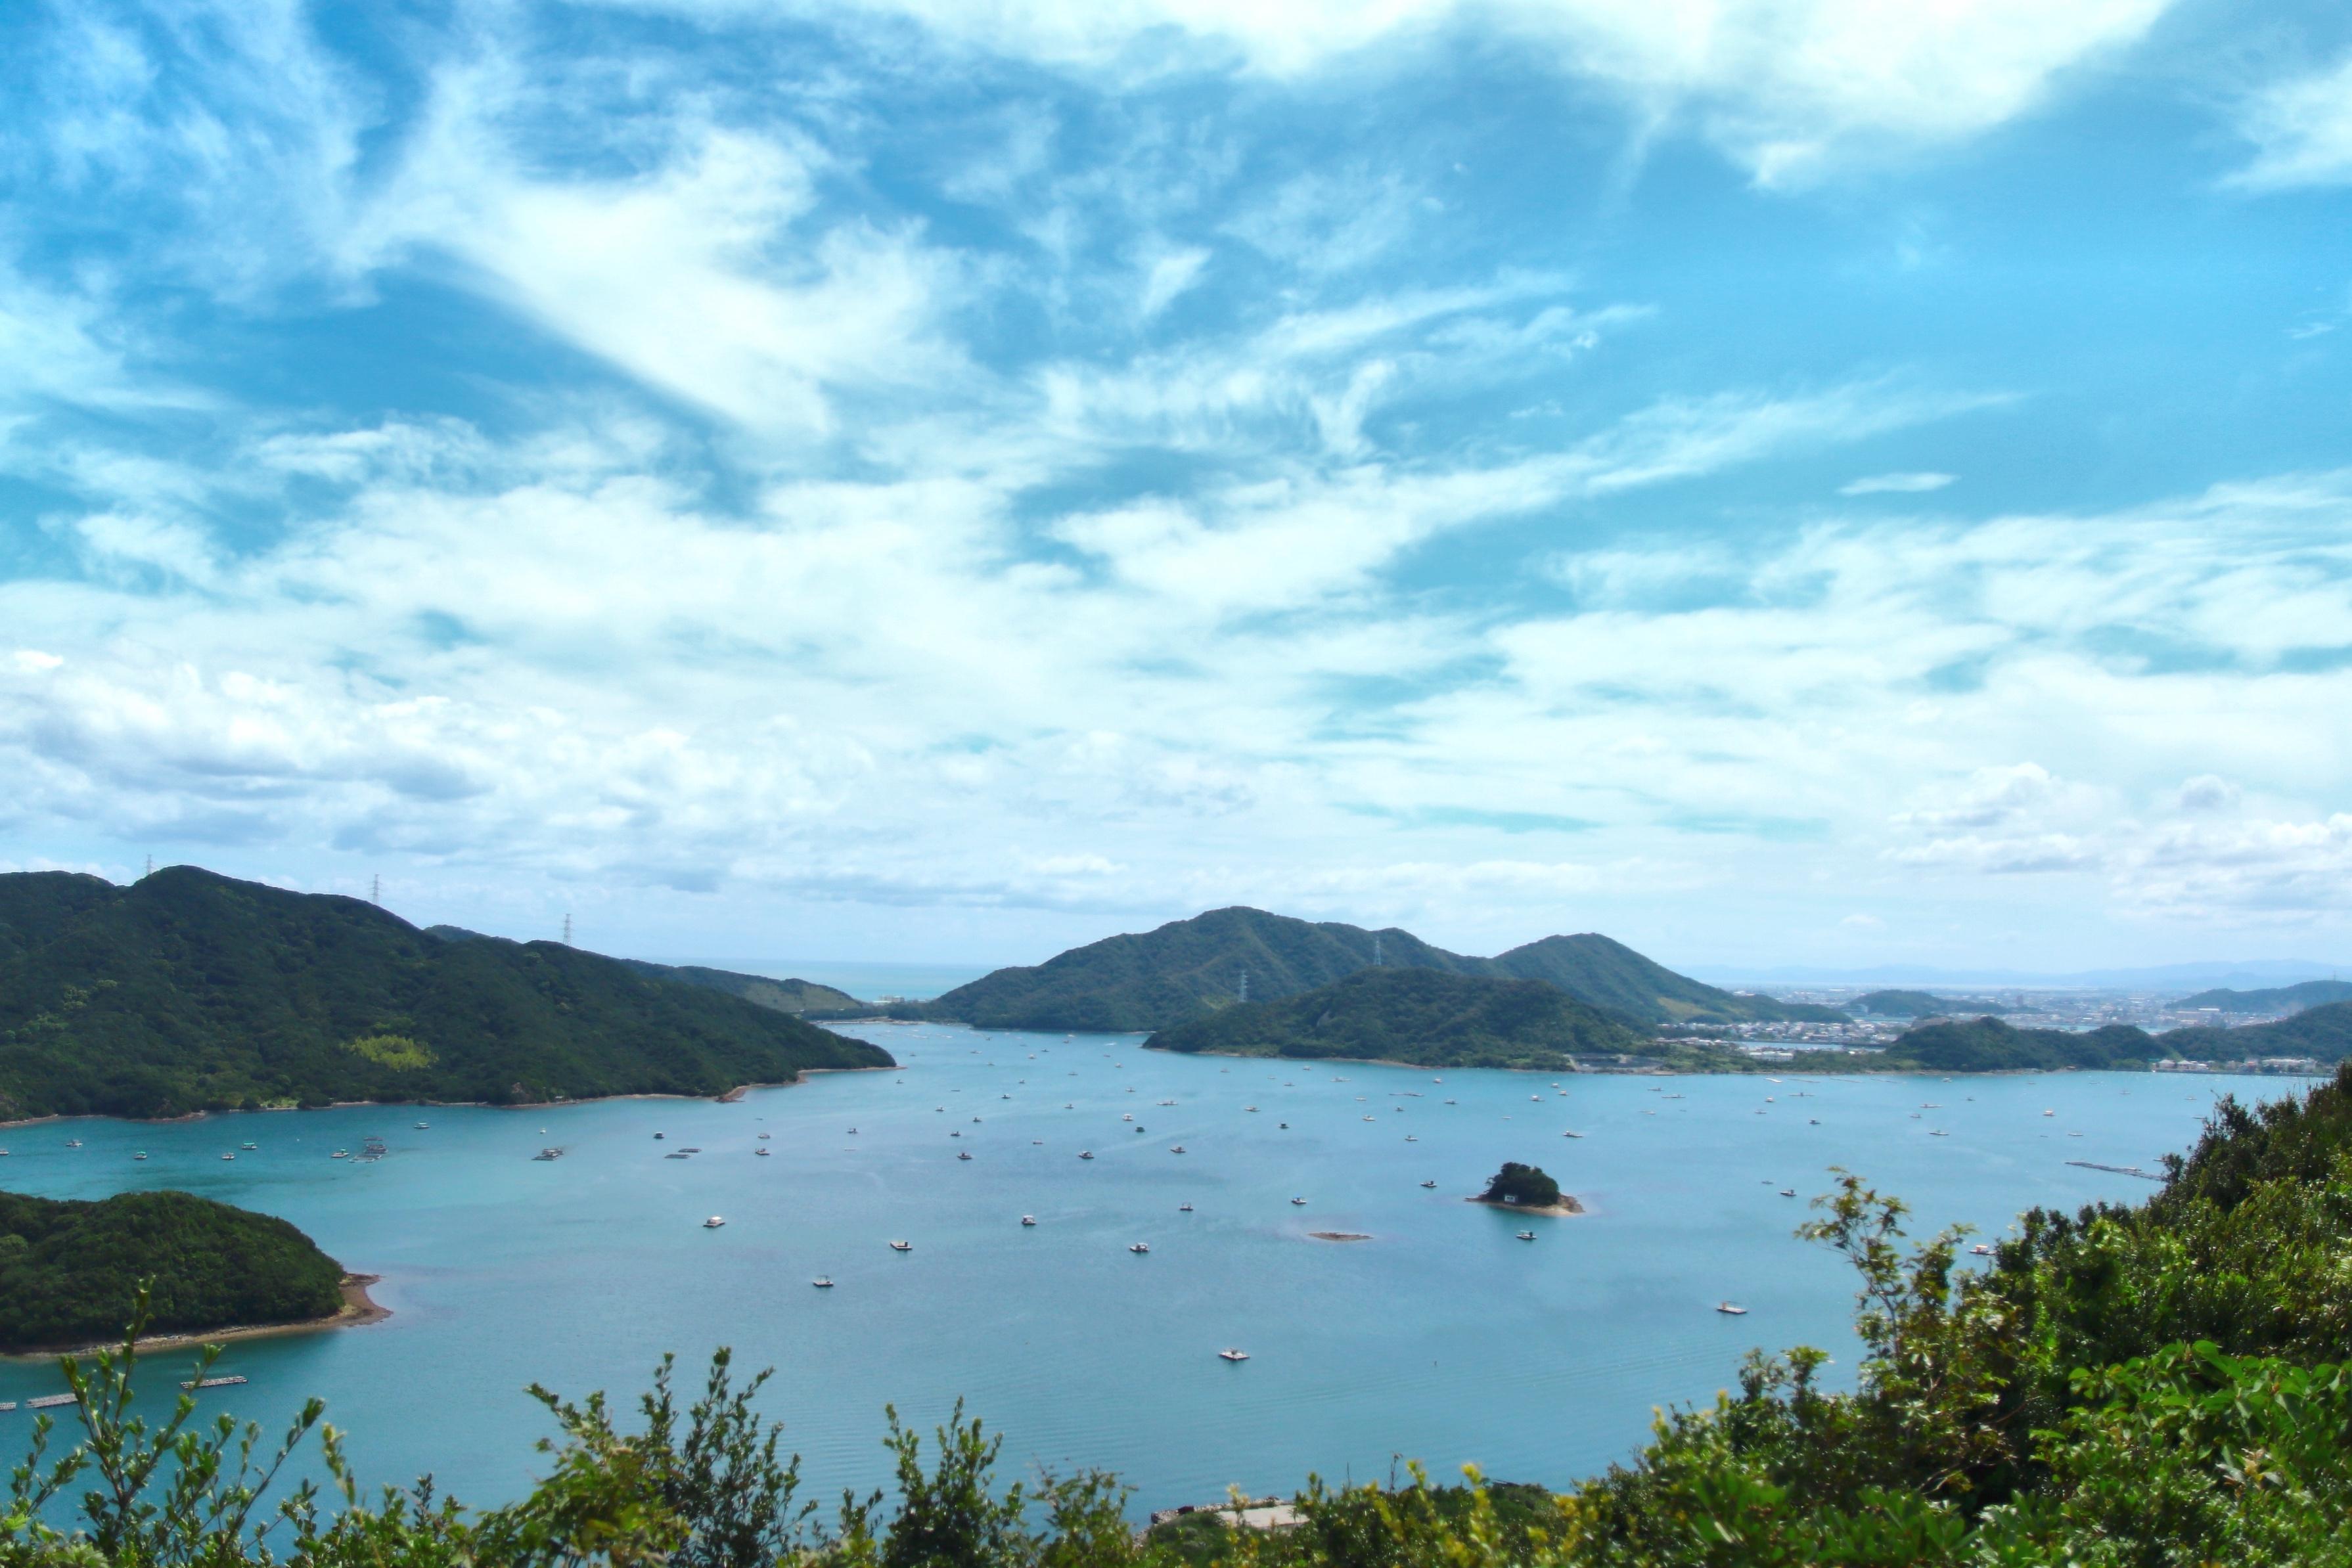 鳴門の海の景色の写真